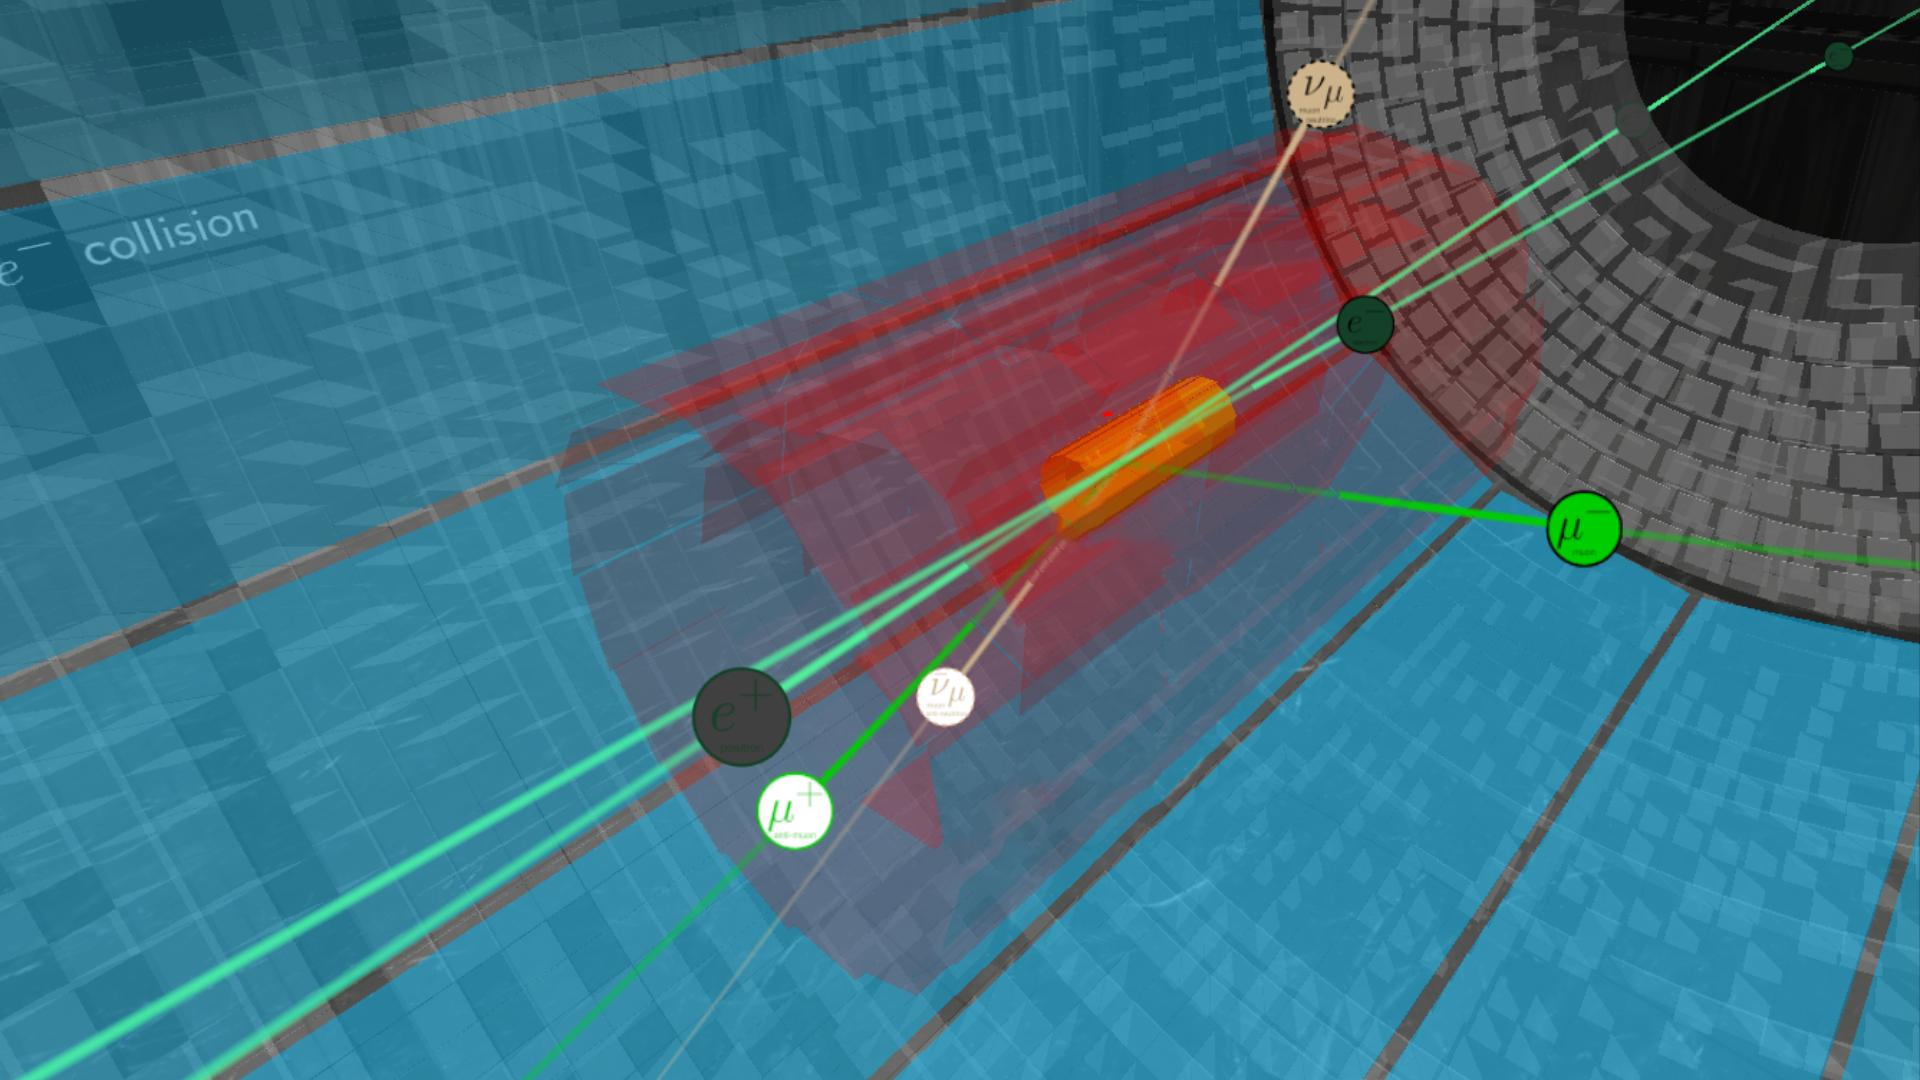 El detector Belle II buscando al bosón Z'. Esta partícula podría revelarse por un número inesperado de pares de muones con cargas opuestas, como se muestra aquí. Creédito: KEK / Belle II.